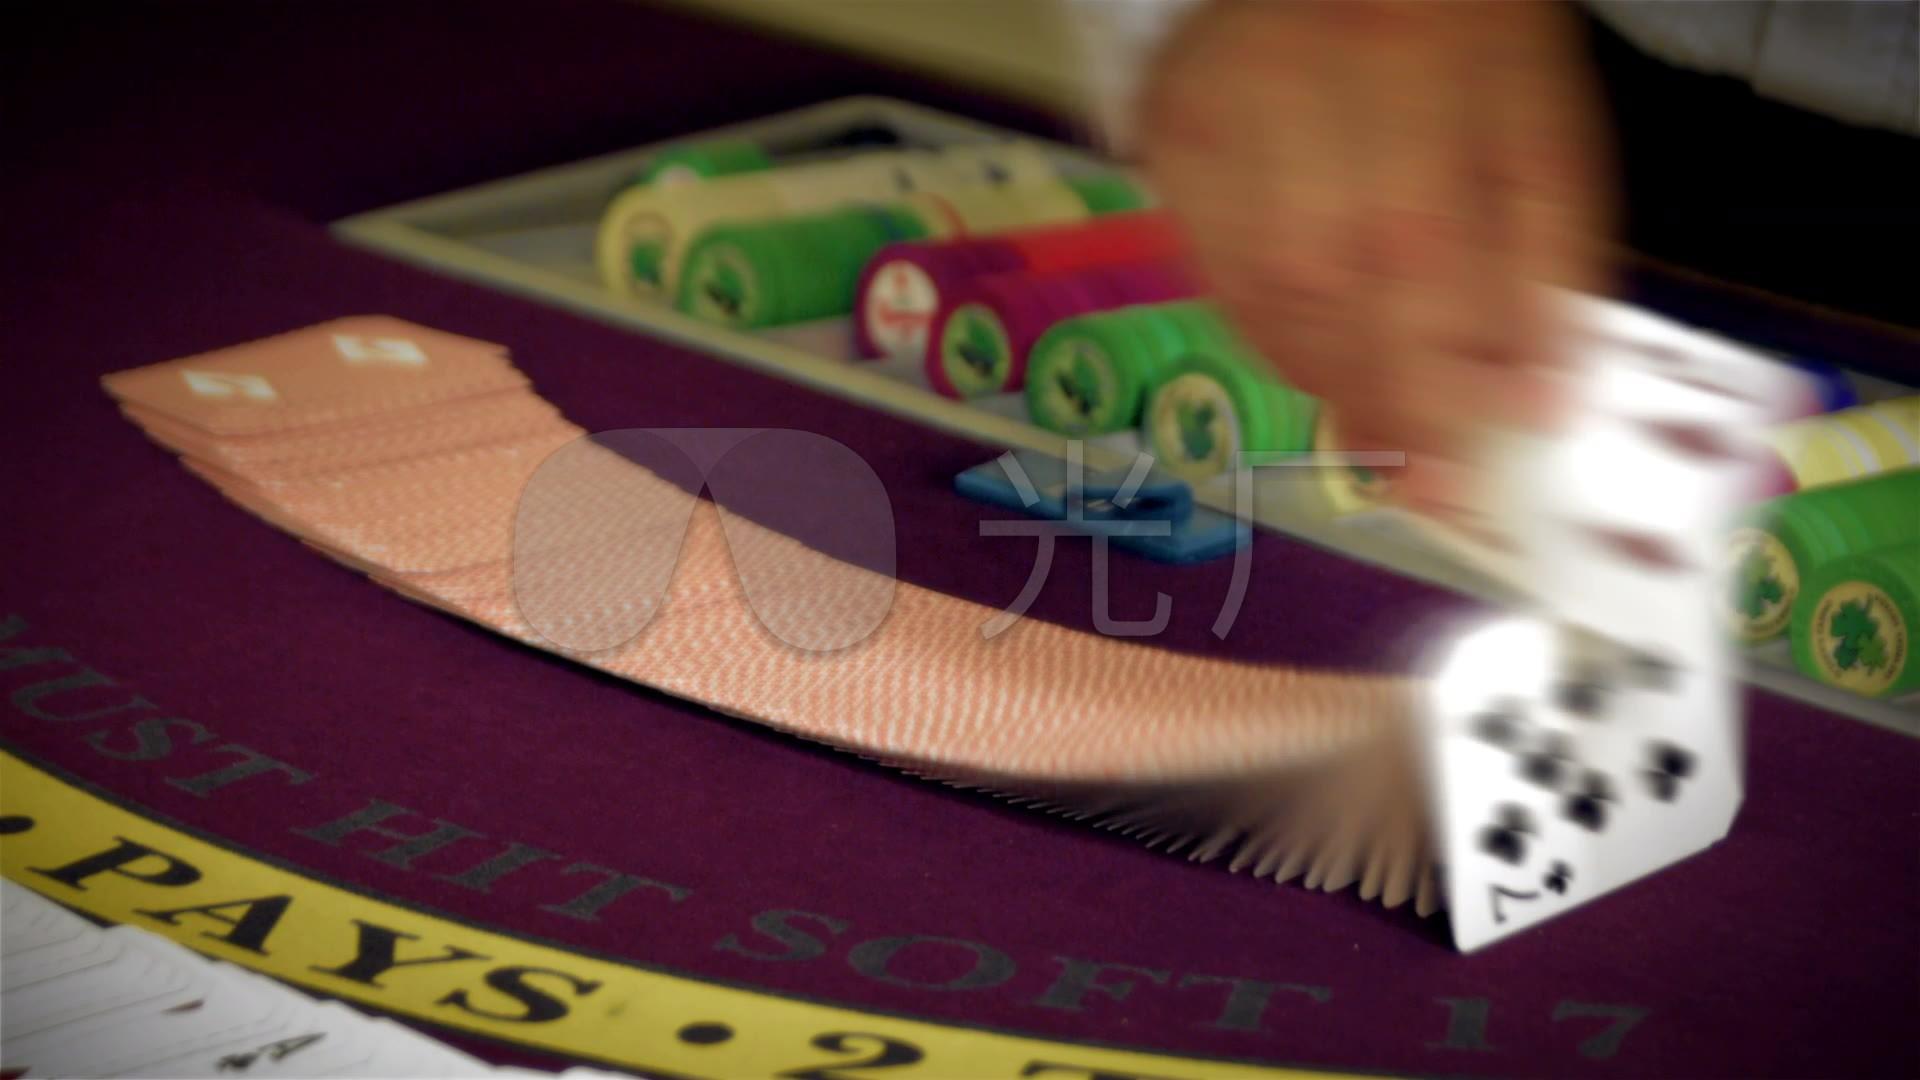 教学荷官赌场上洗扑克牌技巧教程慢动作_192化赌桌黄冈分数视频教学视频教学视频教学图片